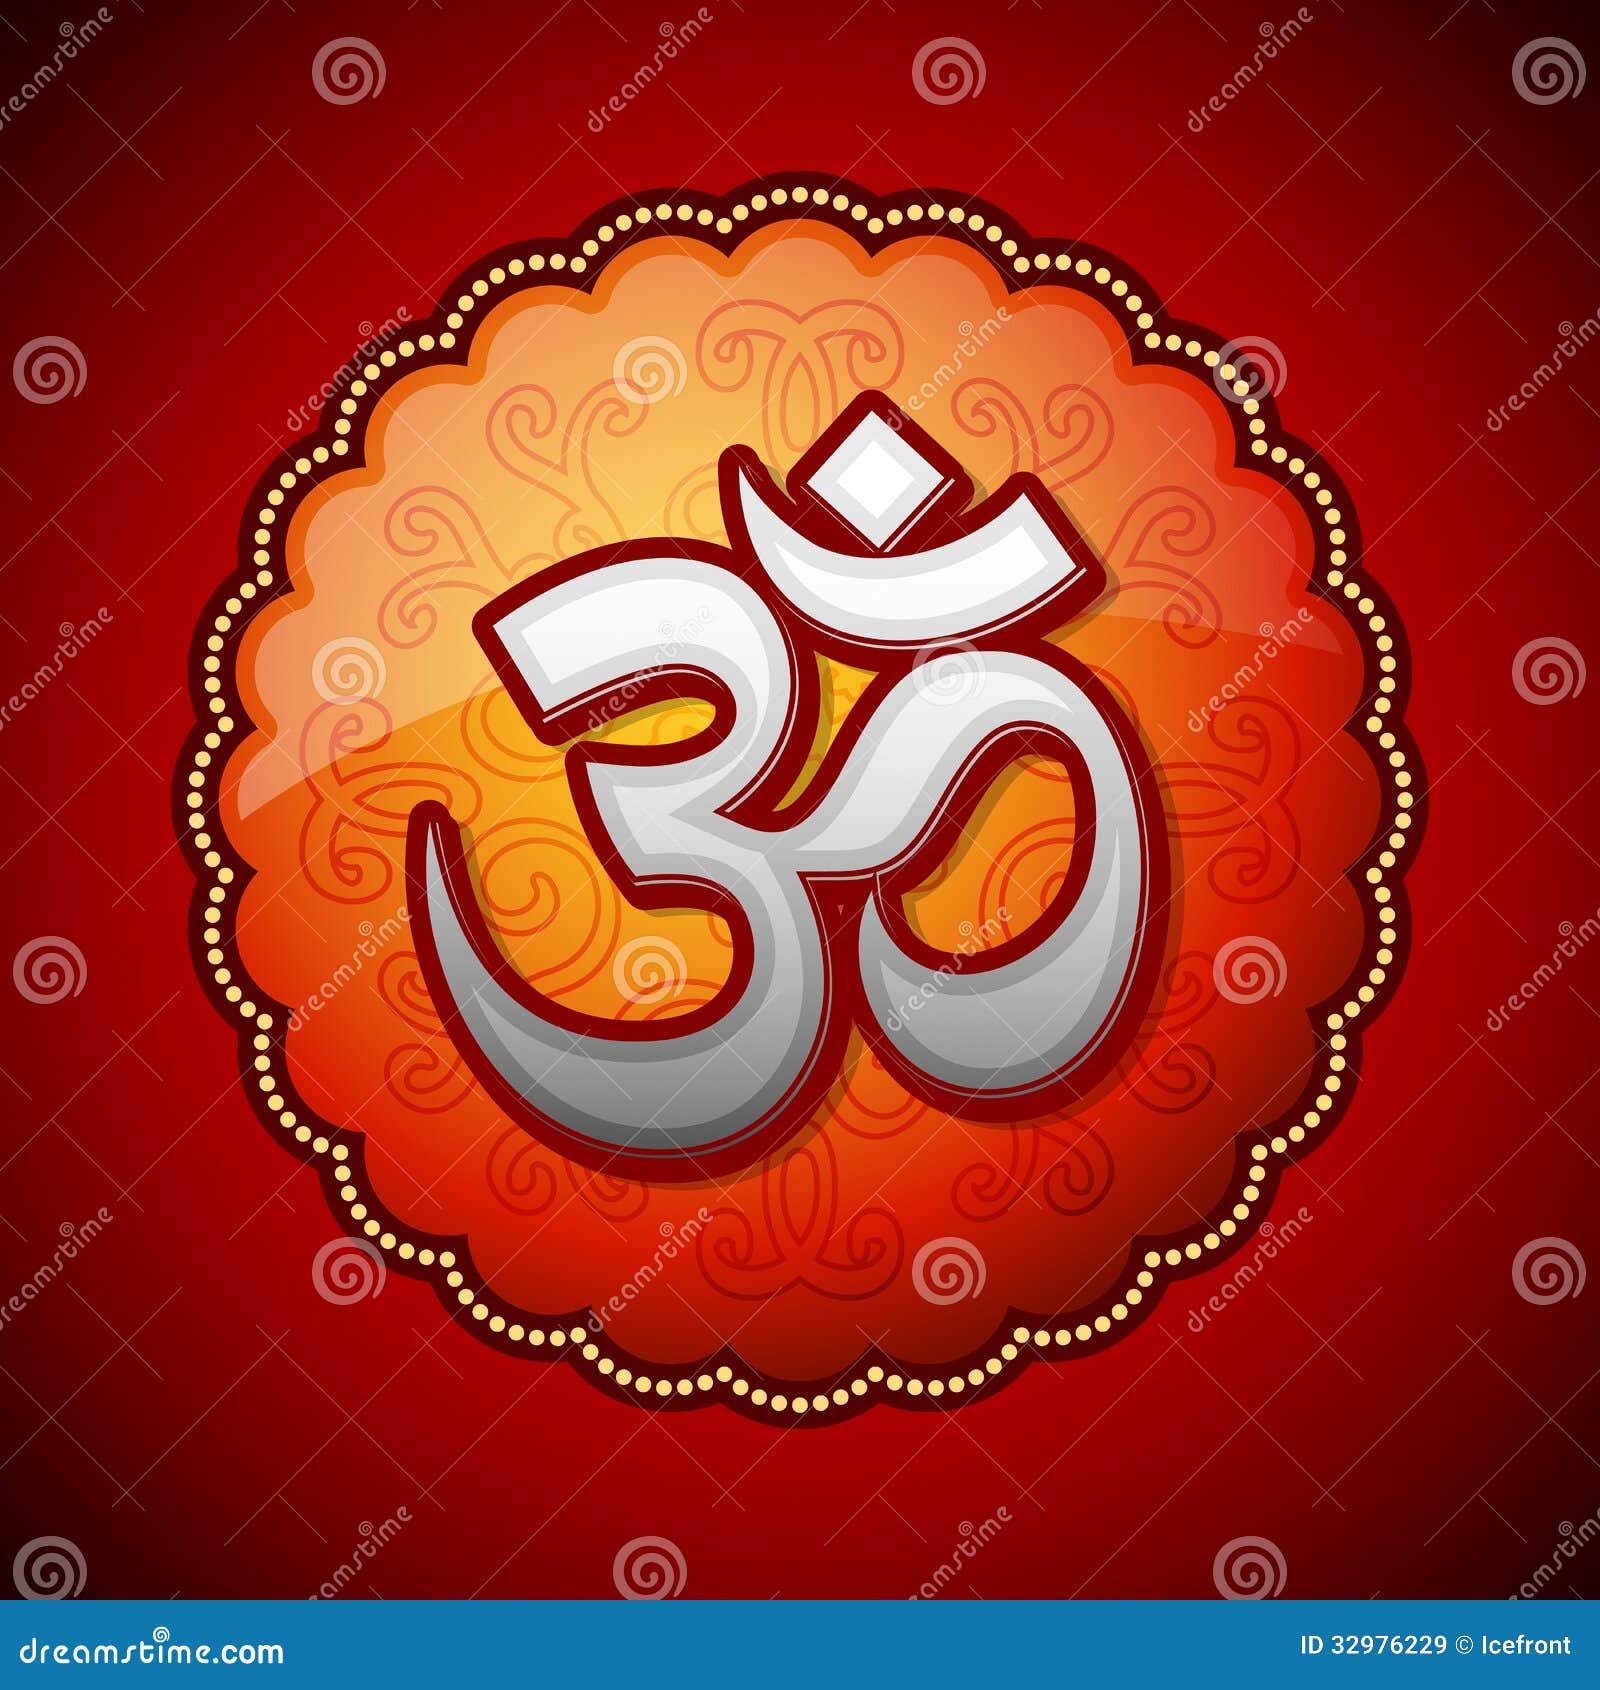 Om sanskrit symbol stock vector illustration of oriental 32976229 om sanskrit symbol kristyandbryce Gallery